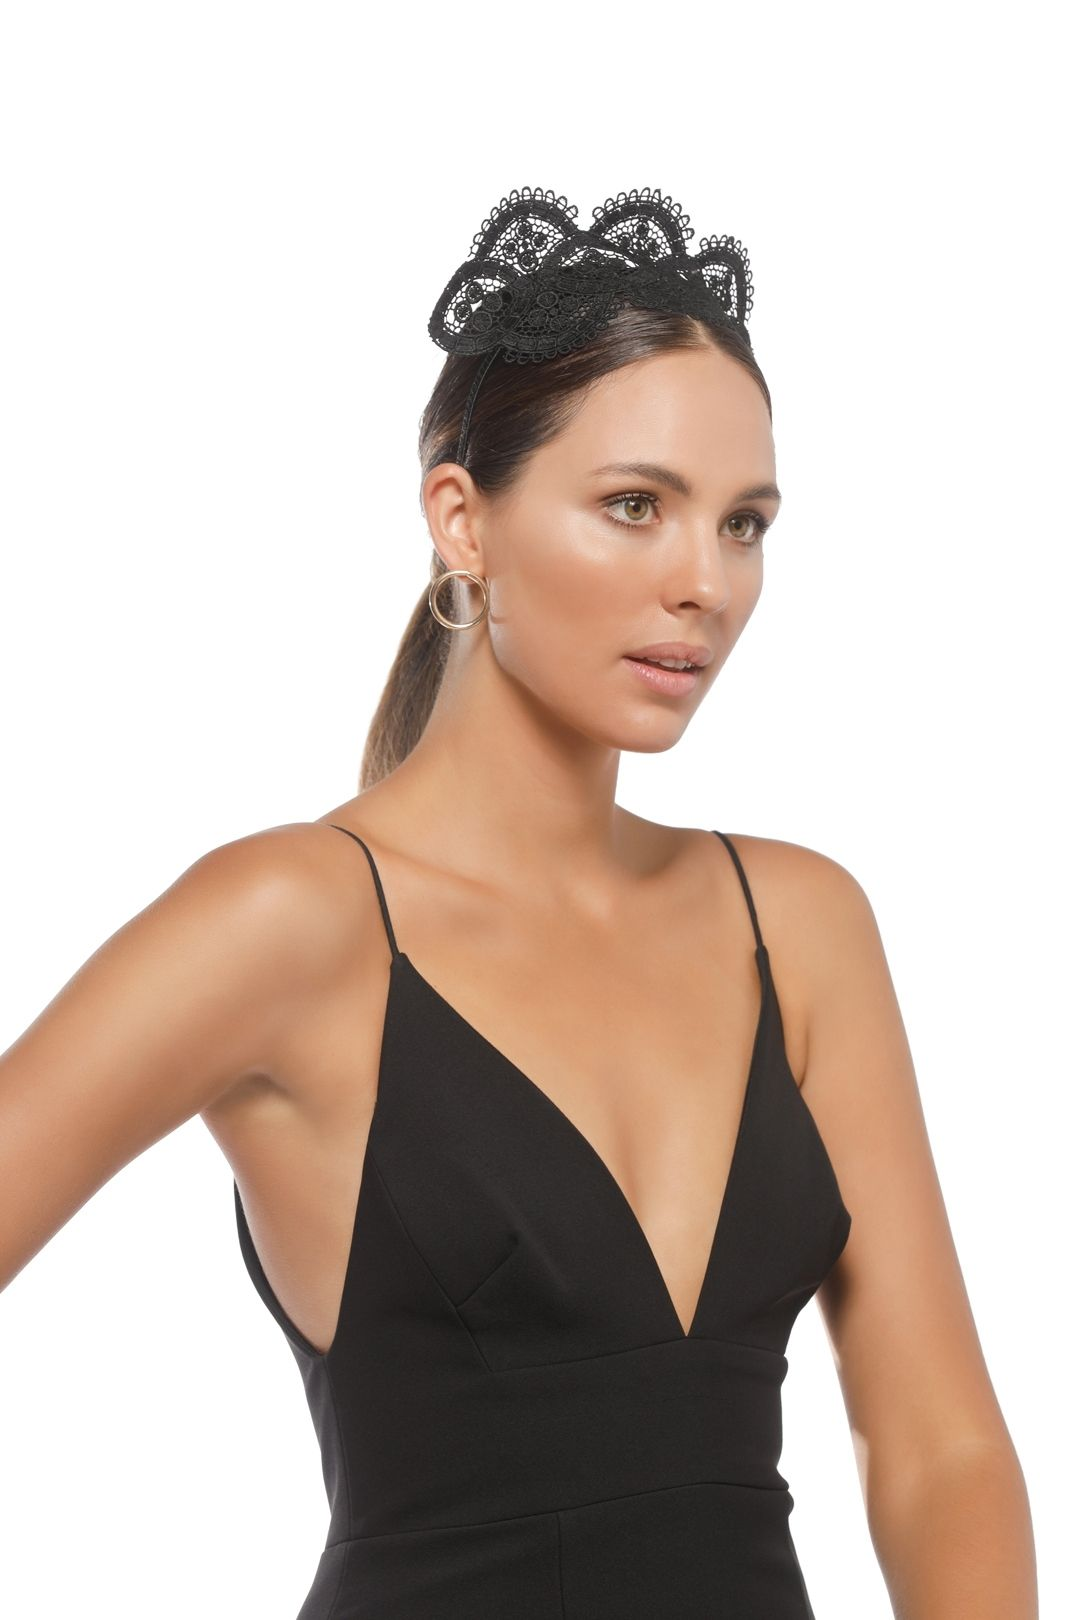 Morgan & Taylor - Verona Fascinator - Black - Side Model